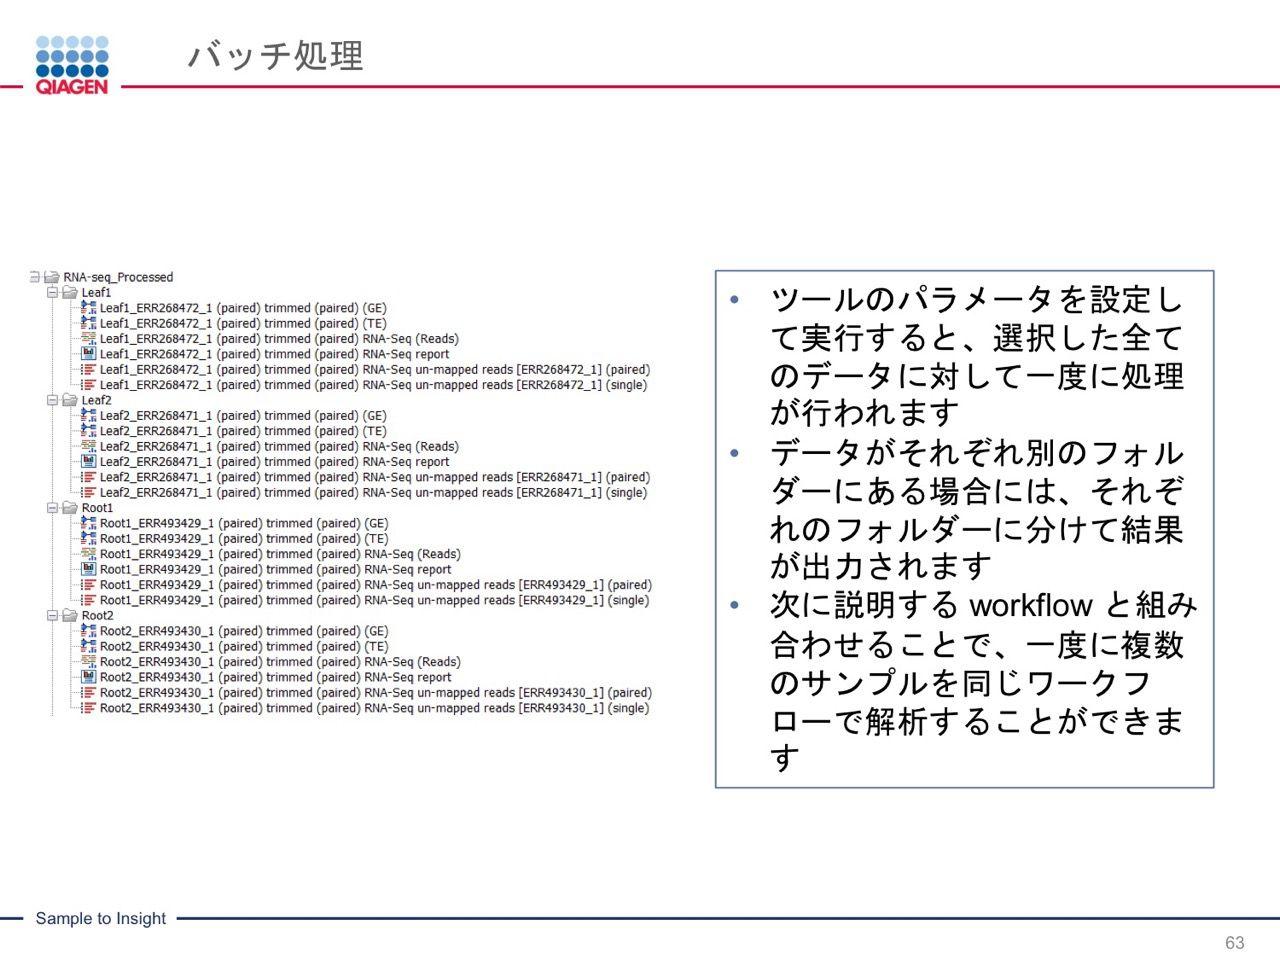 images/AJACSa2_miyamoto_063.jpg